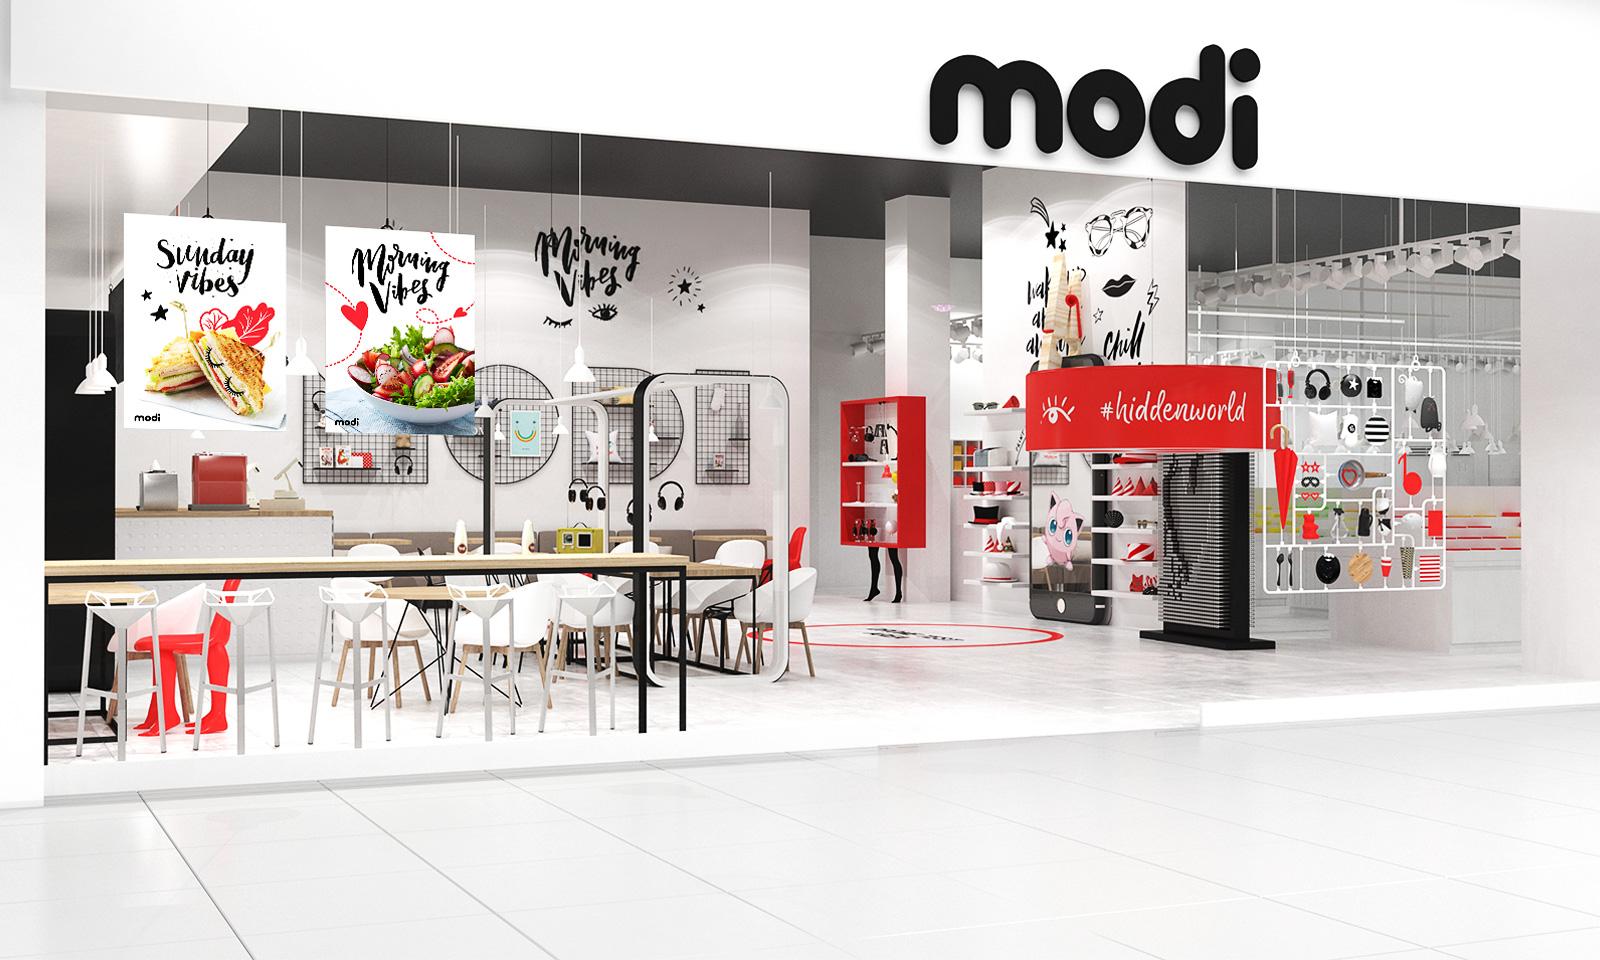 В рамках проекта разработан дизайн кафе Modi Fun Cafe, который будет располагаться внутри торгового пространства магазинов.